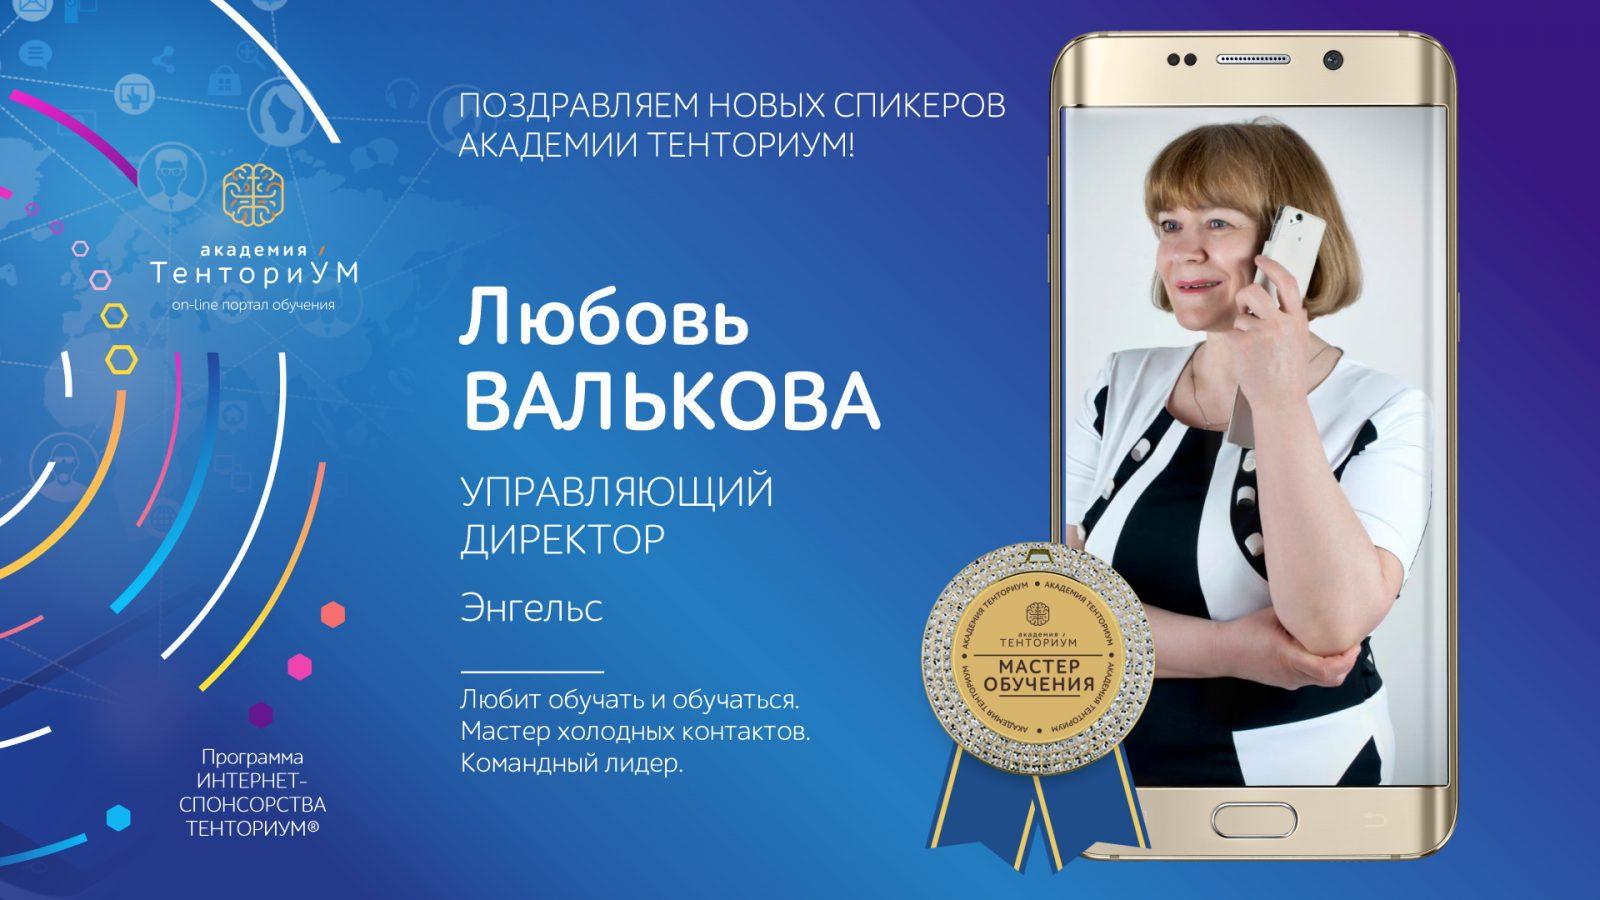 Internet-Sponsorstva-TENTORIUM-_ProDvizhenie_1920h1080-5